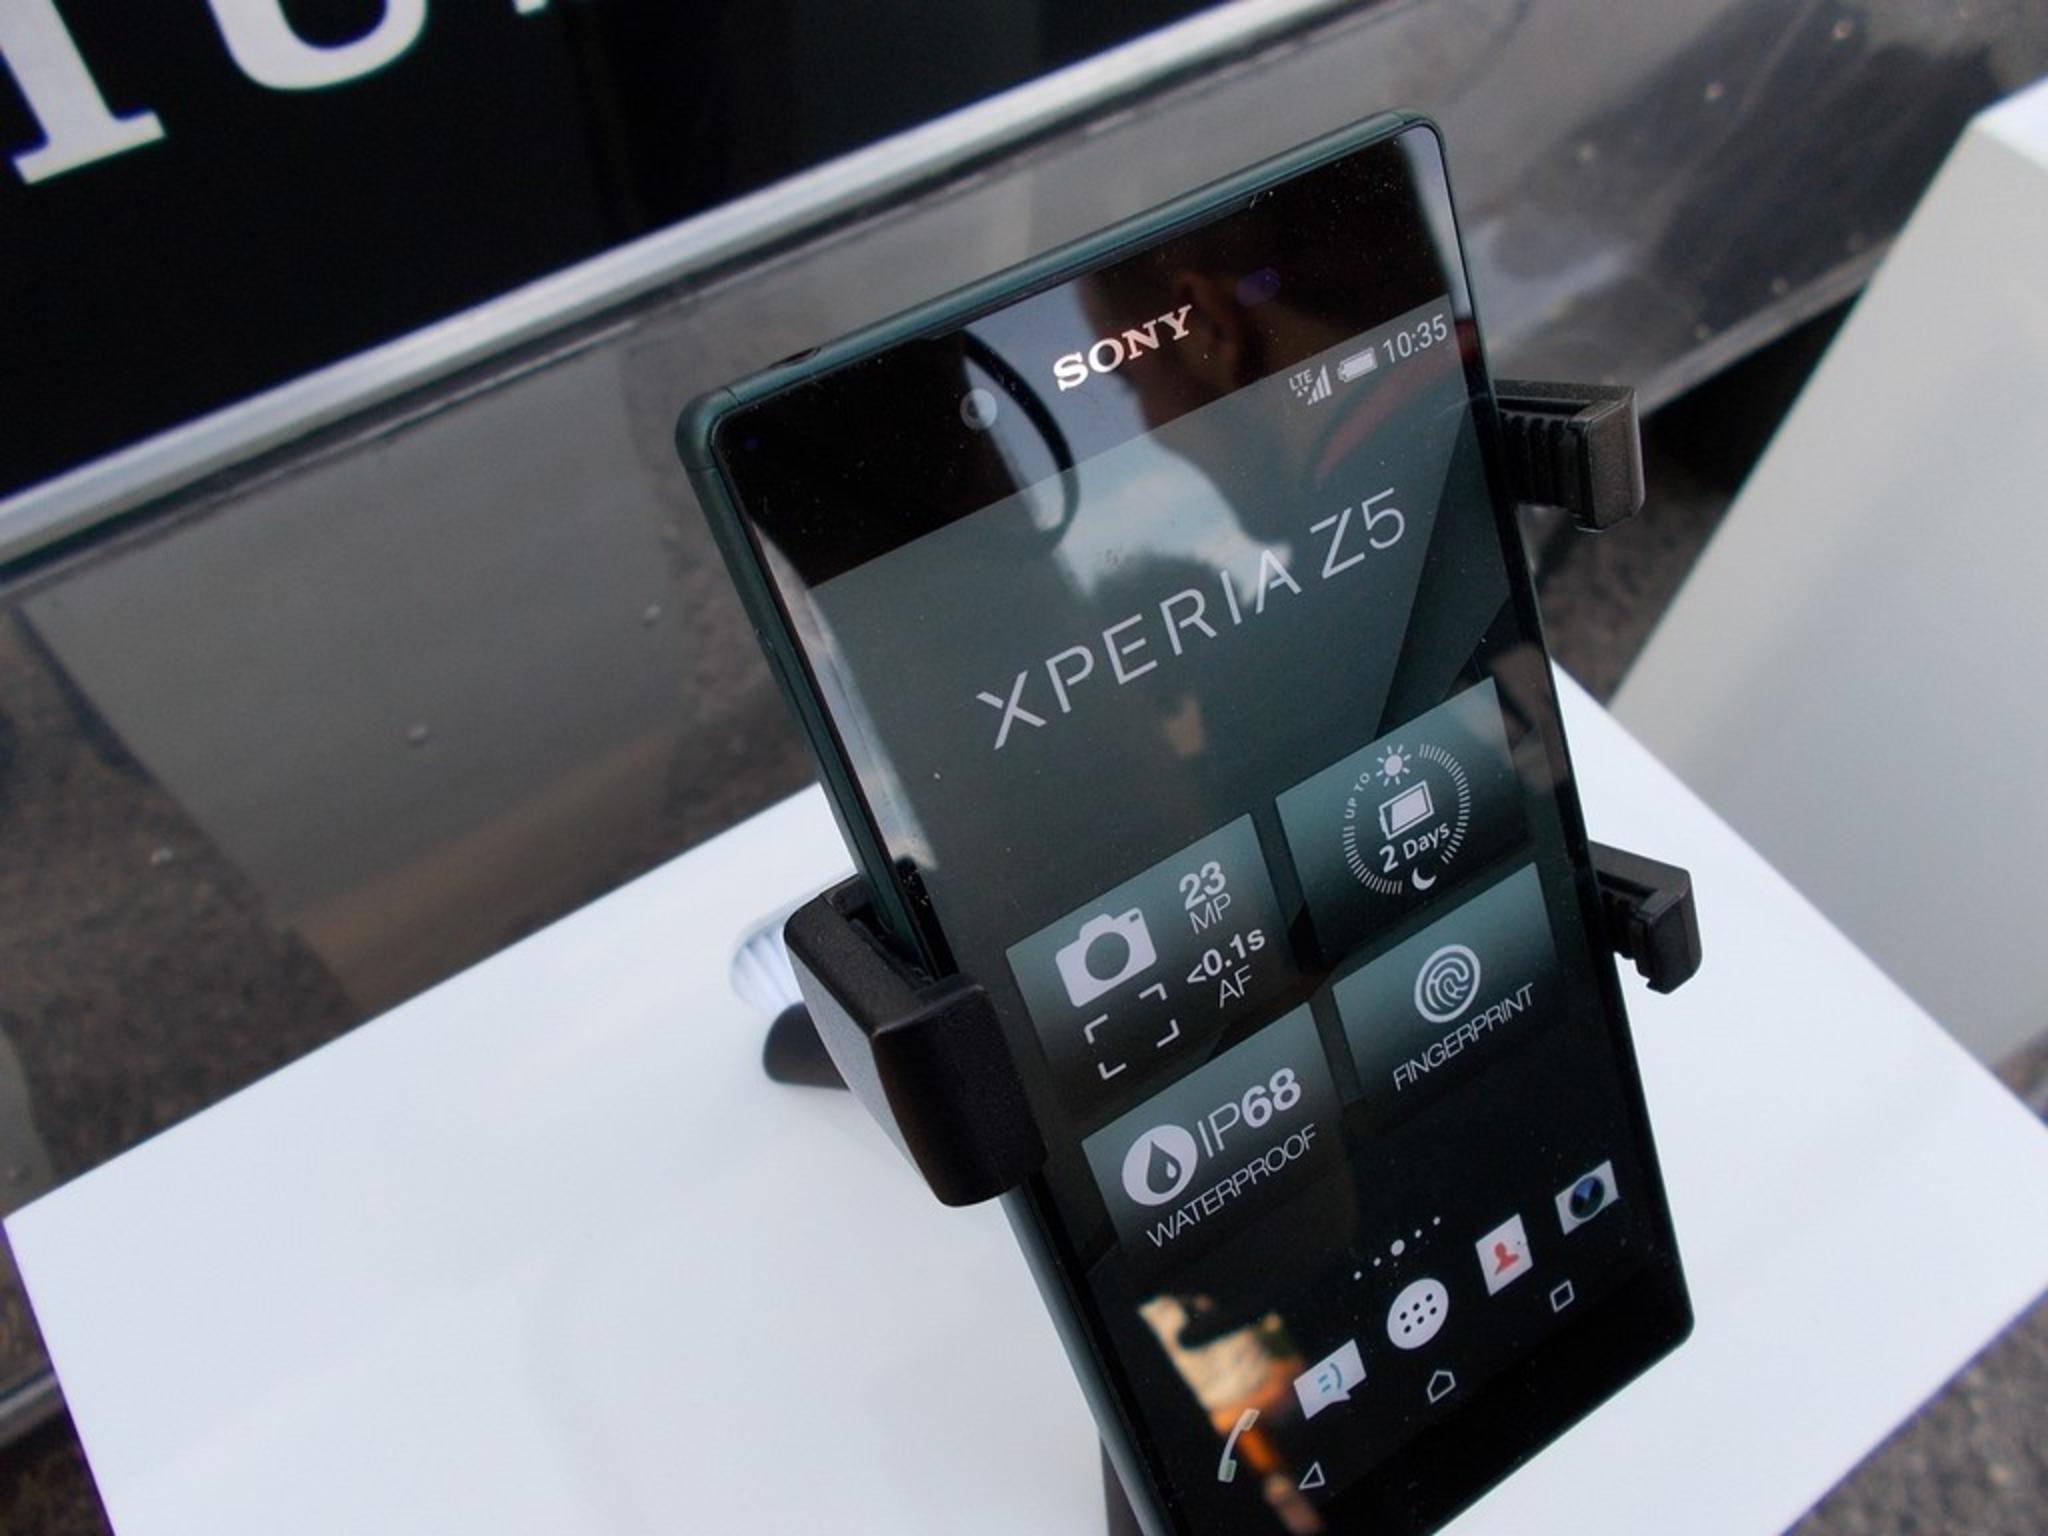 Noch vor dem Release sinkt der Preis des Xperia Z5 – vorerst allerdings nur in Großbritannien.